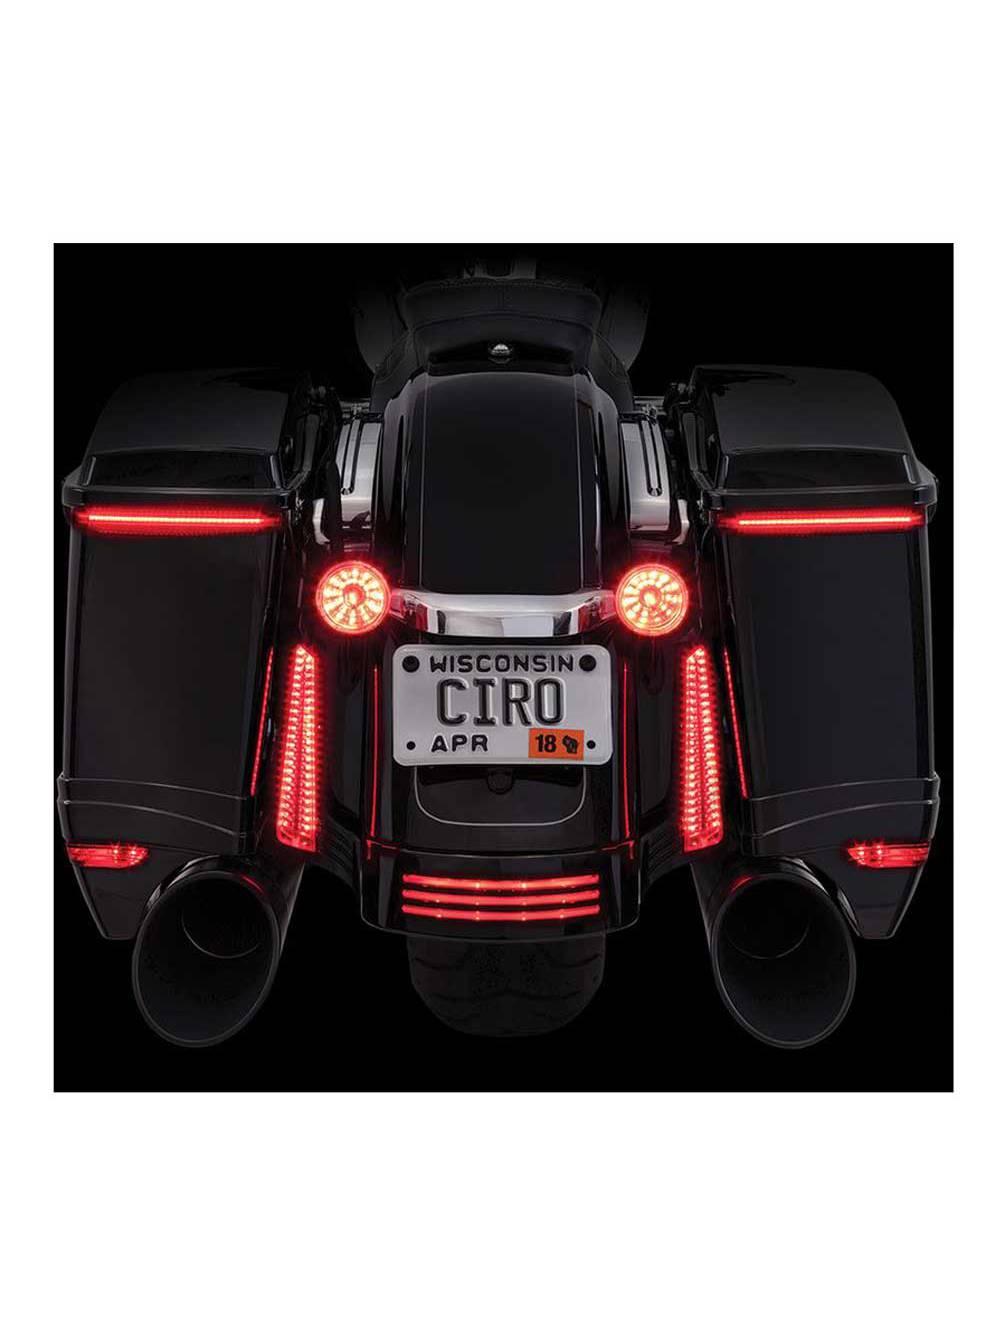 Black Ciro 40023 Filler Panel Lights